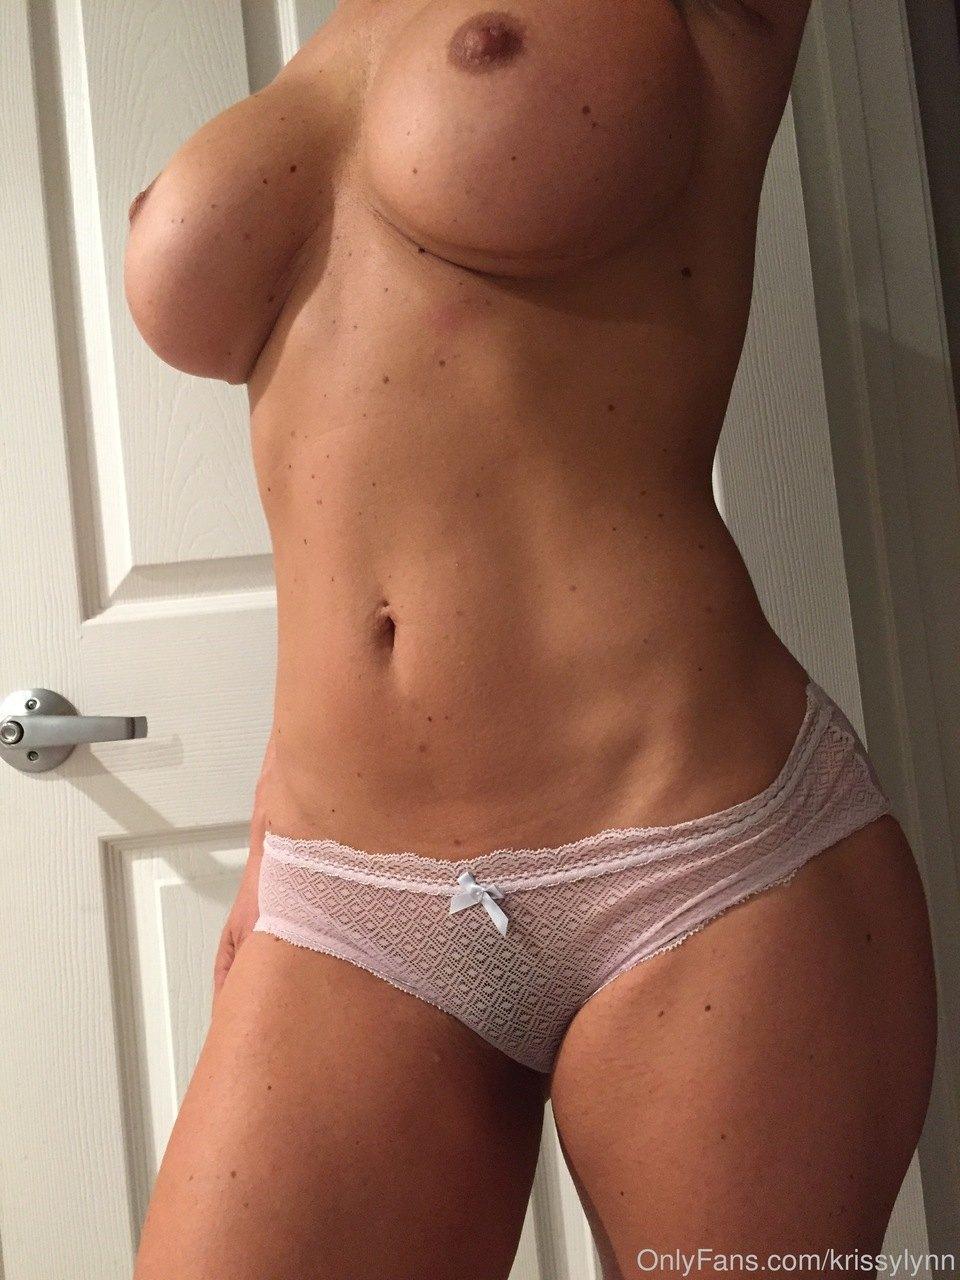 Krissy Lynn Snapchat photo 13